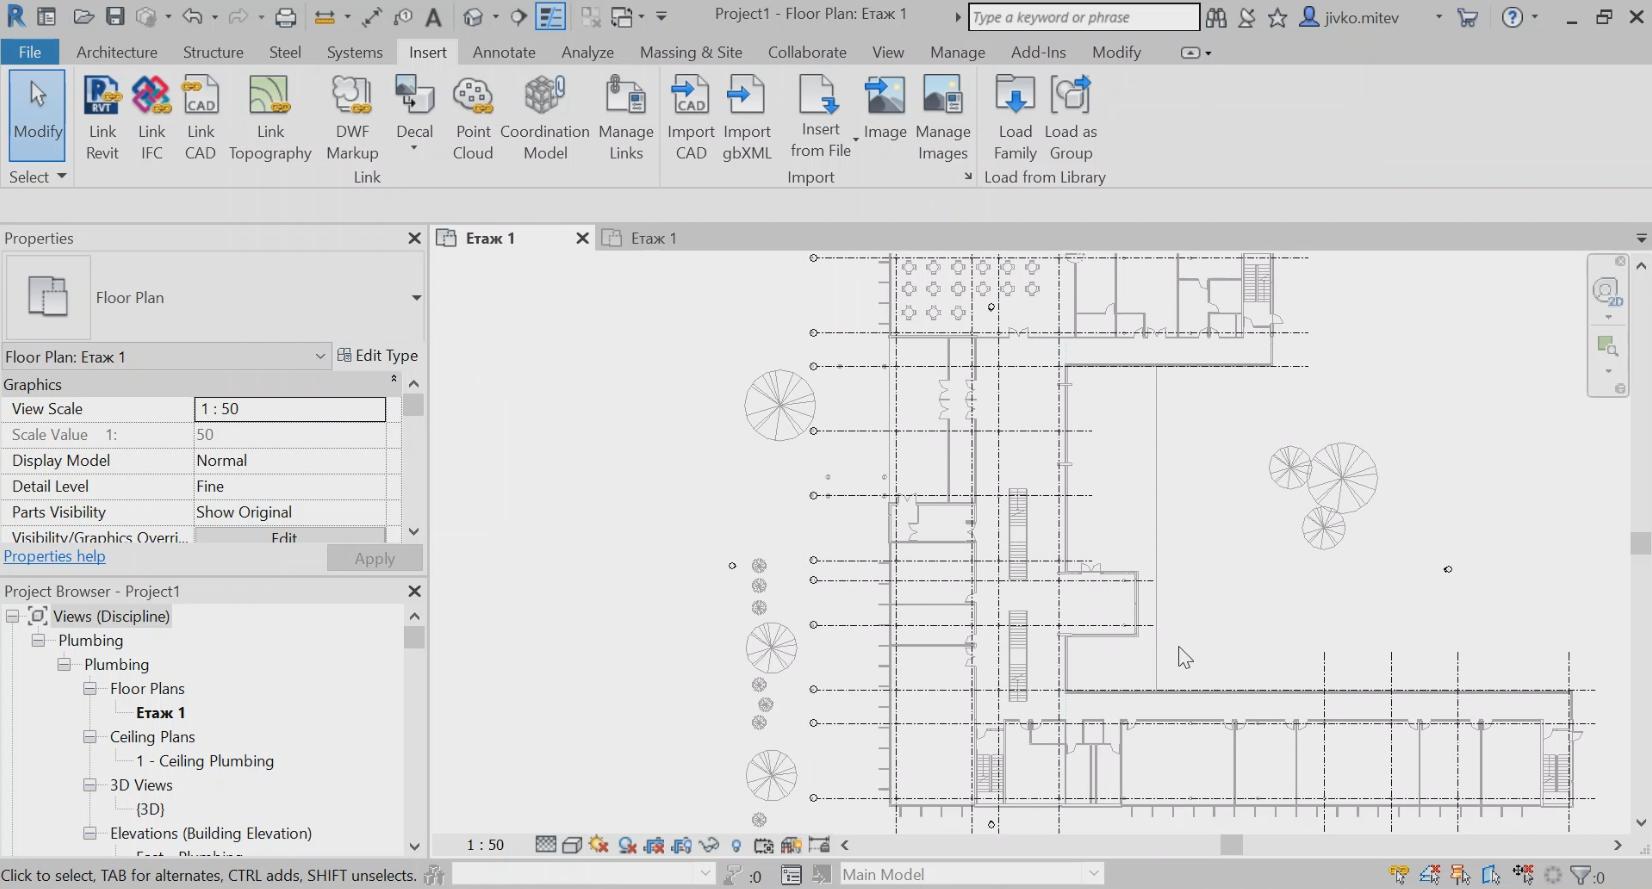 Организация на BIM Модела, основни настройки и системни изисквания. Създаване на нов модел, вмъкване на архитектурен модел